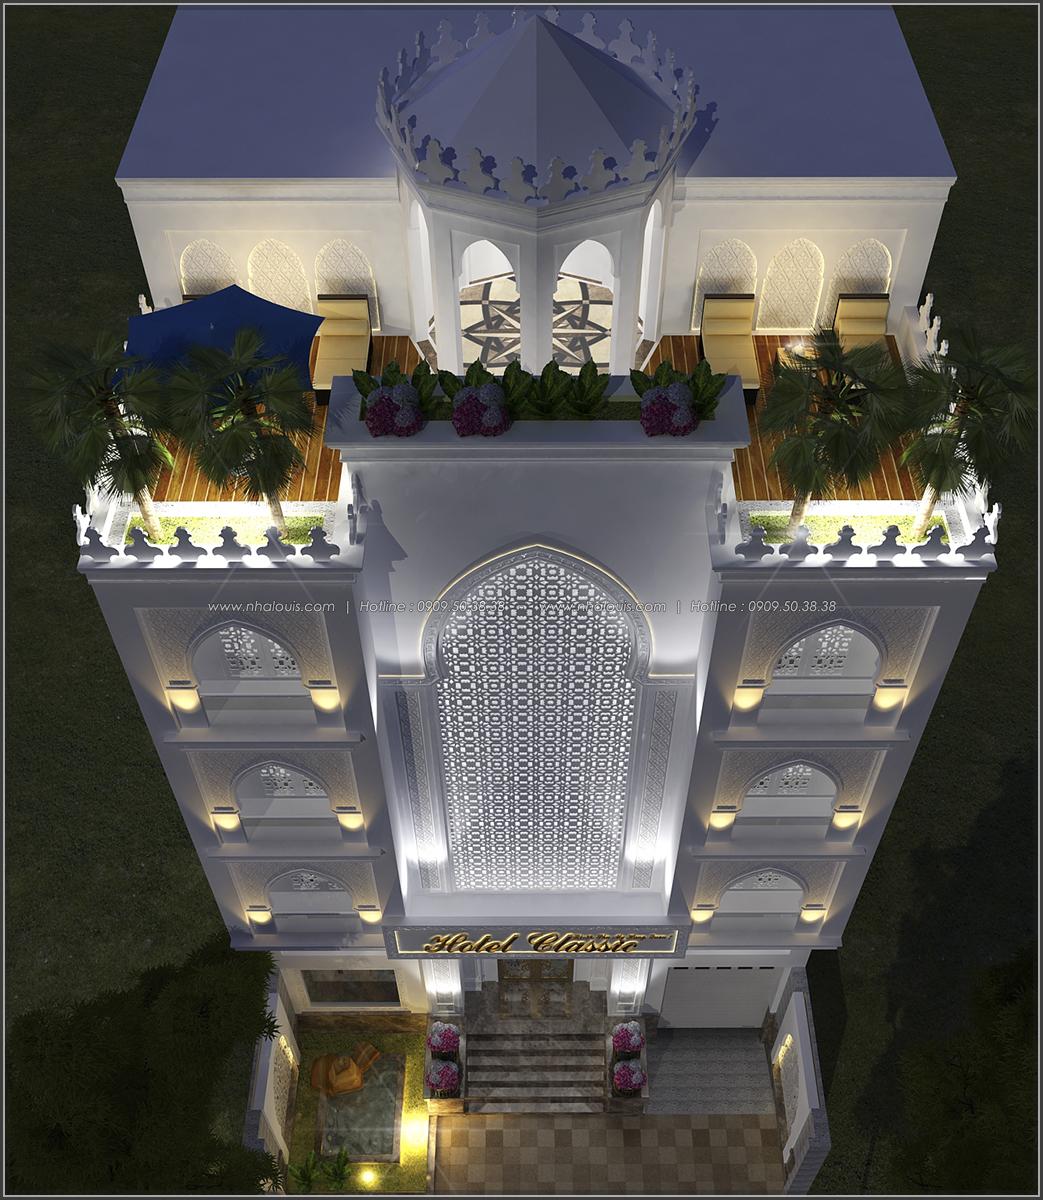 Thiết kế khách sạn cổ điển tại Phan Thiết đẹp lộng lẫy - 02